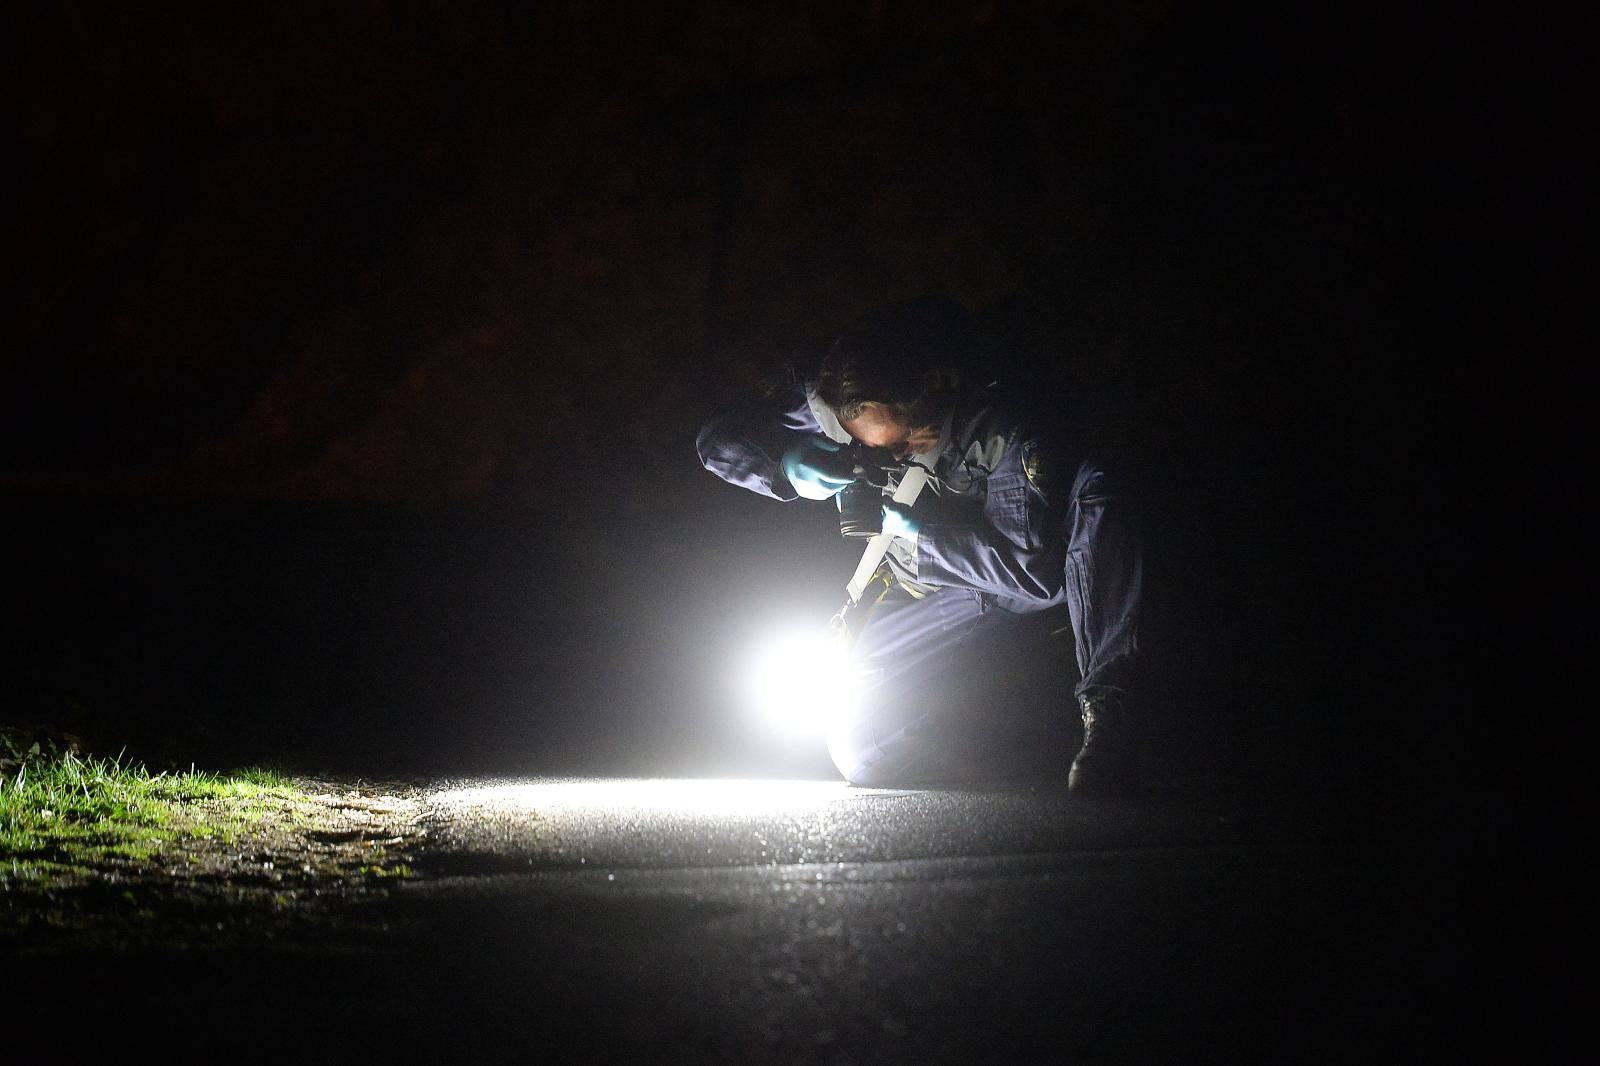 Muškarac (53) nožem je izbo dvojicu blizu Novog Marofa